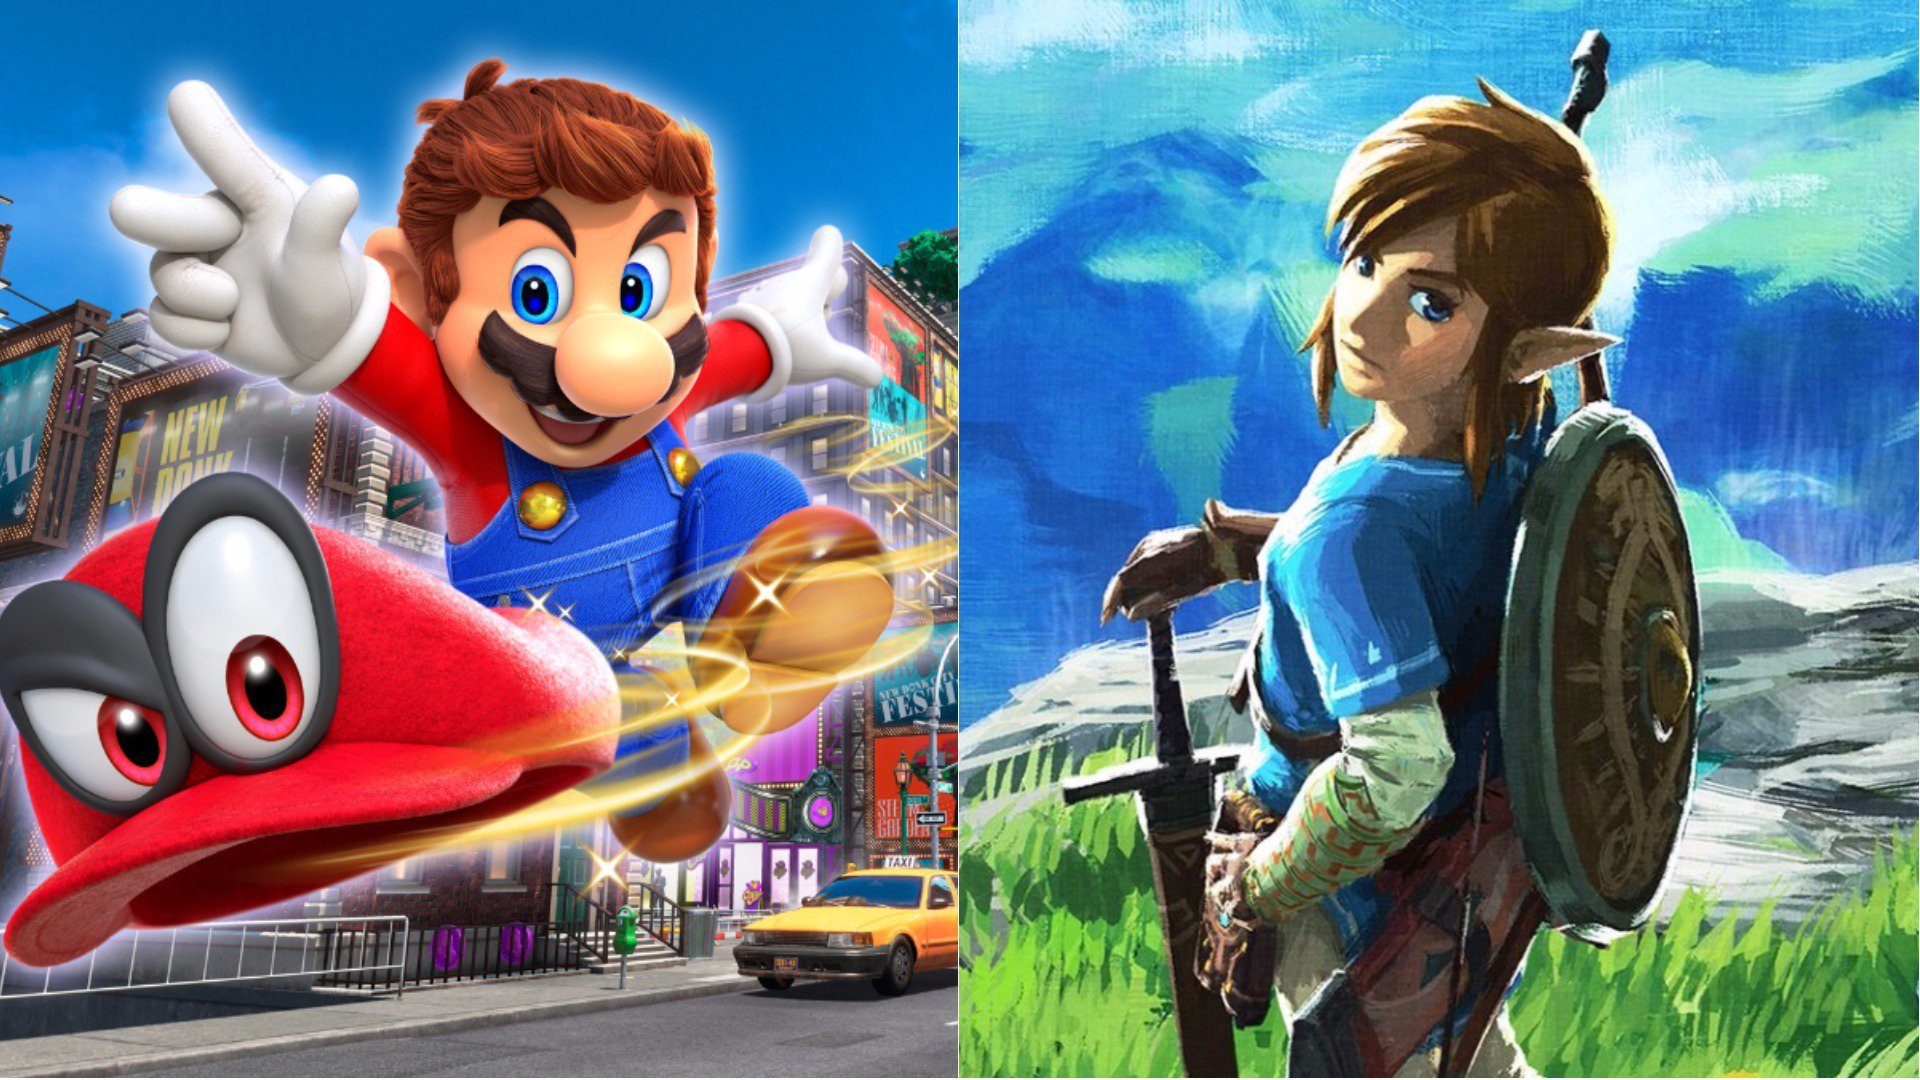 Super Mario Odyssey, análisis: la magia y la creatividad se juntan en una odisea inolvidable 1